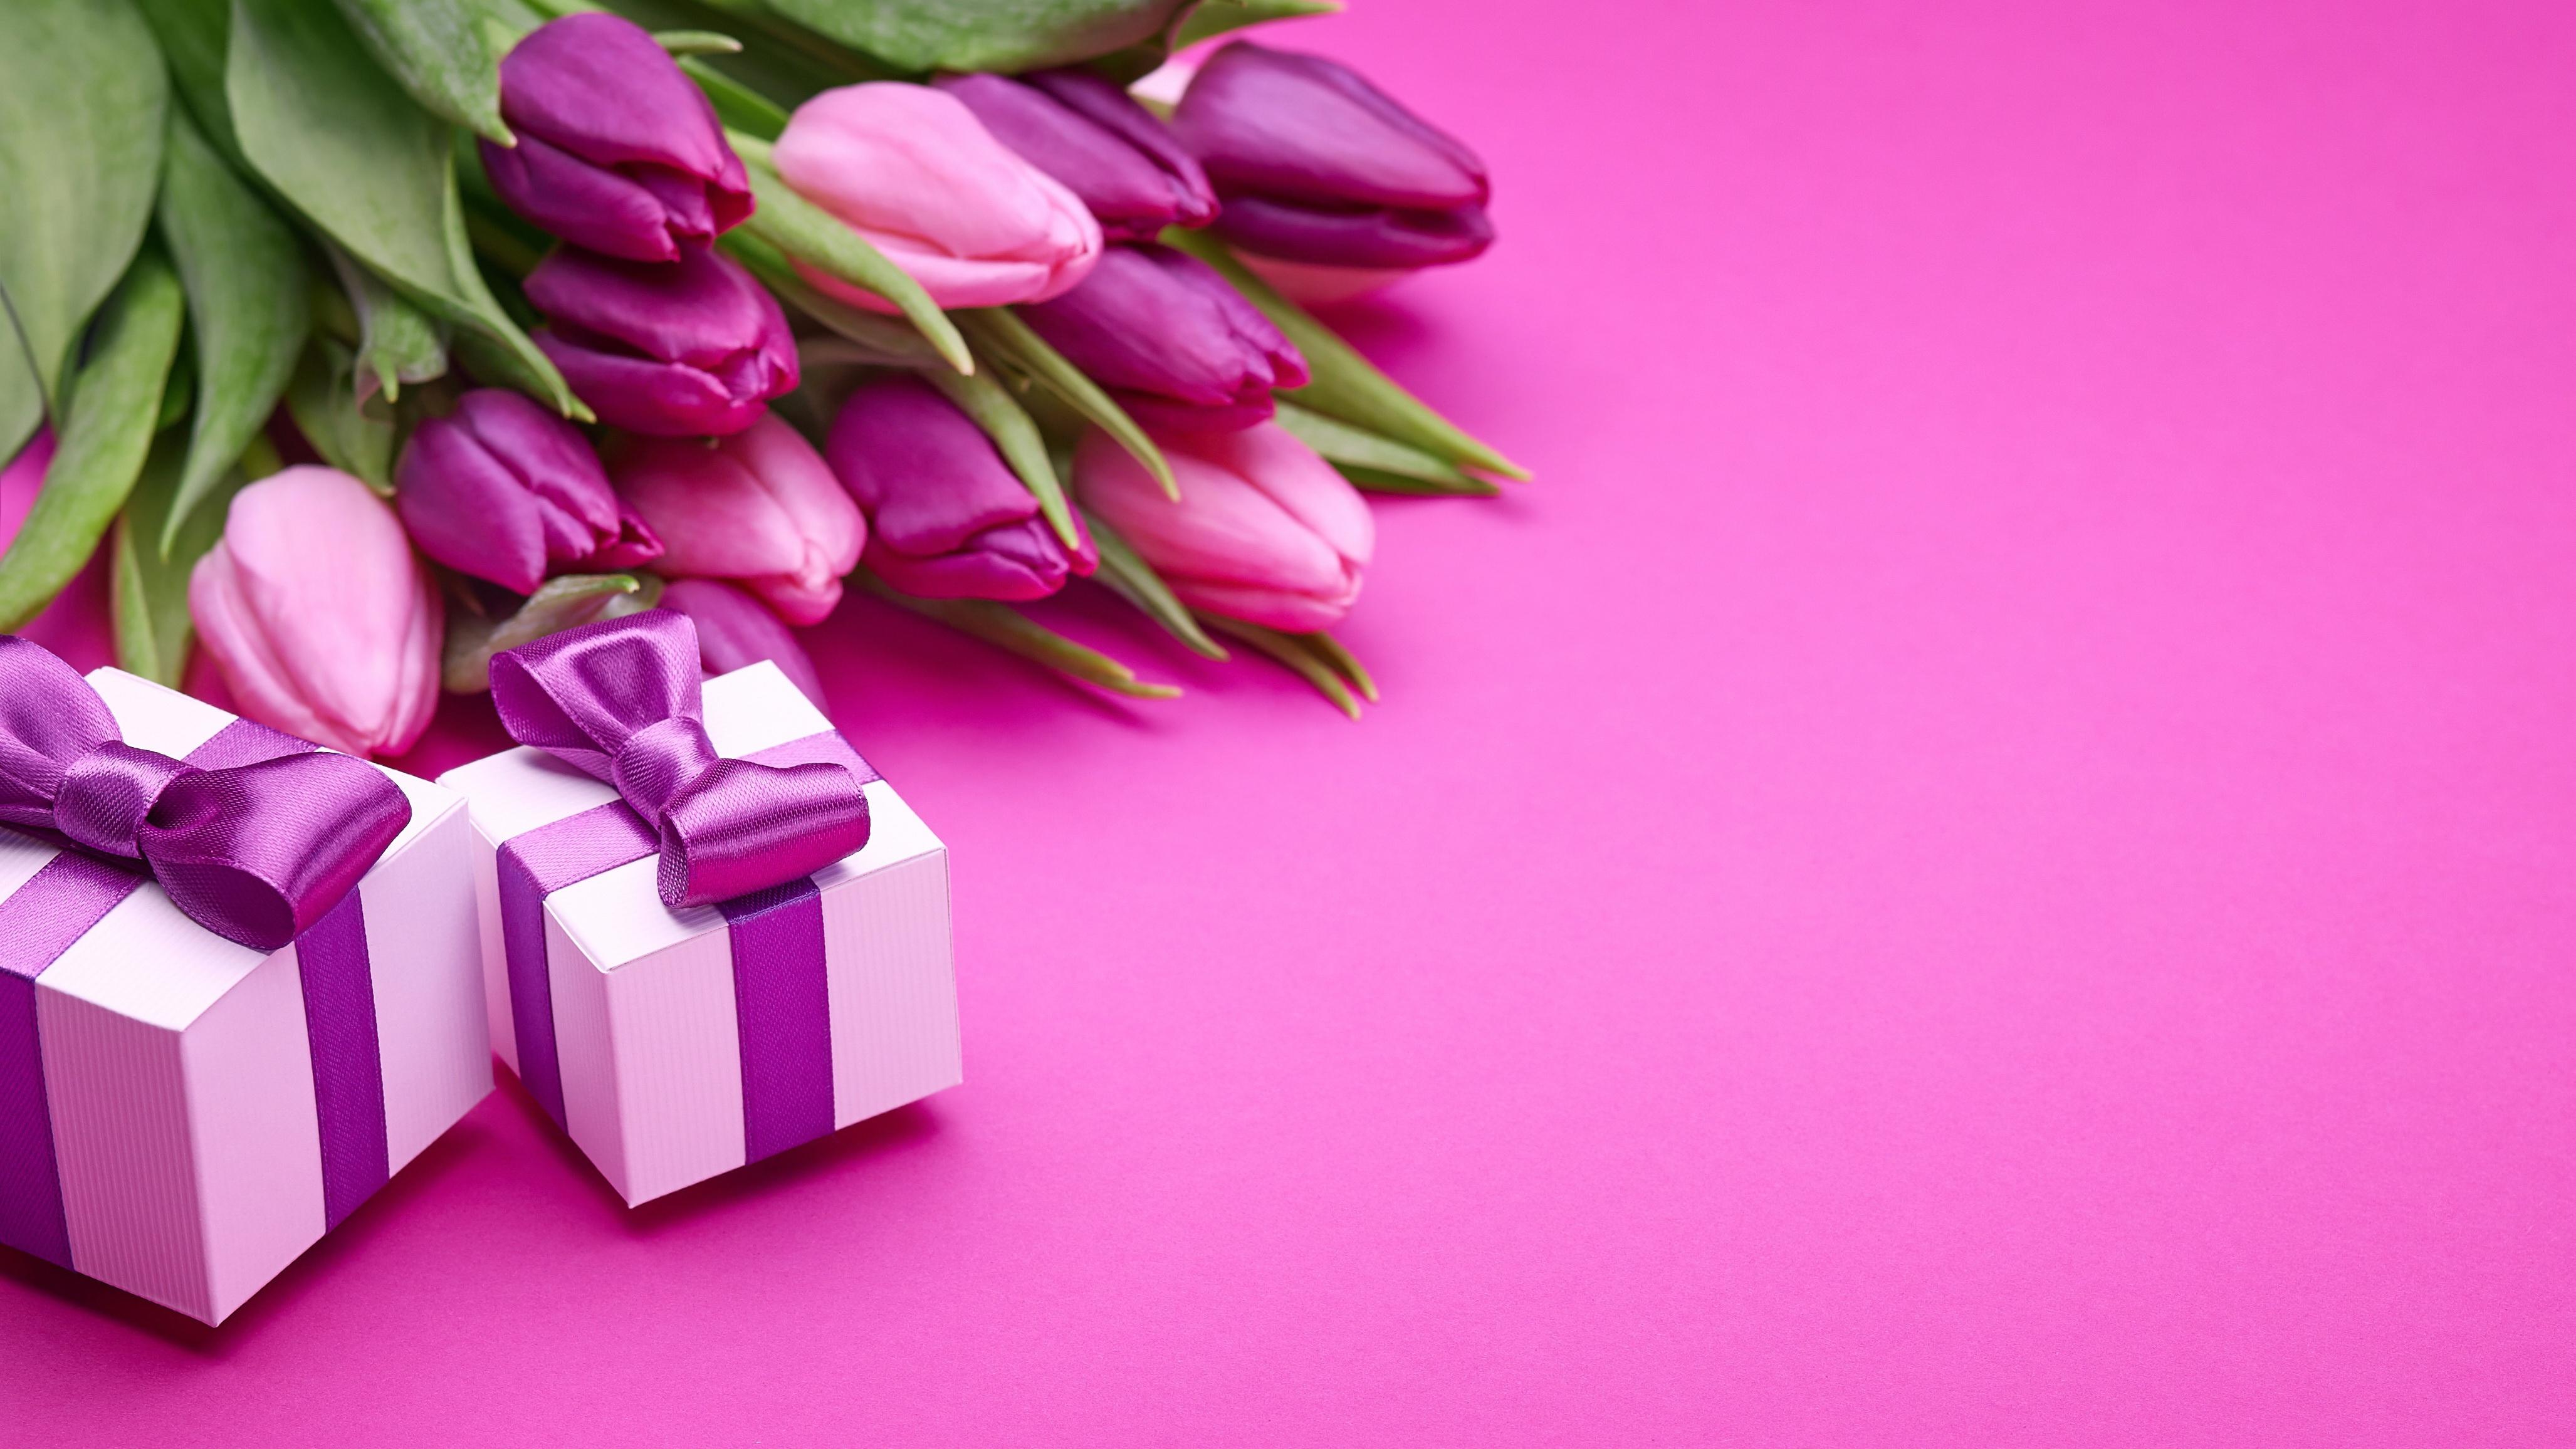 женские поздравления с днем рождения с подарками размер изображения разместим